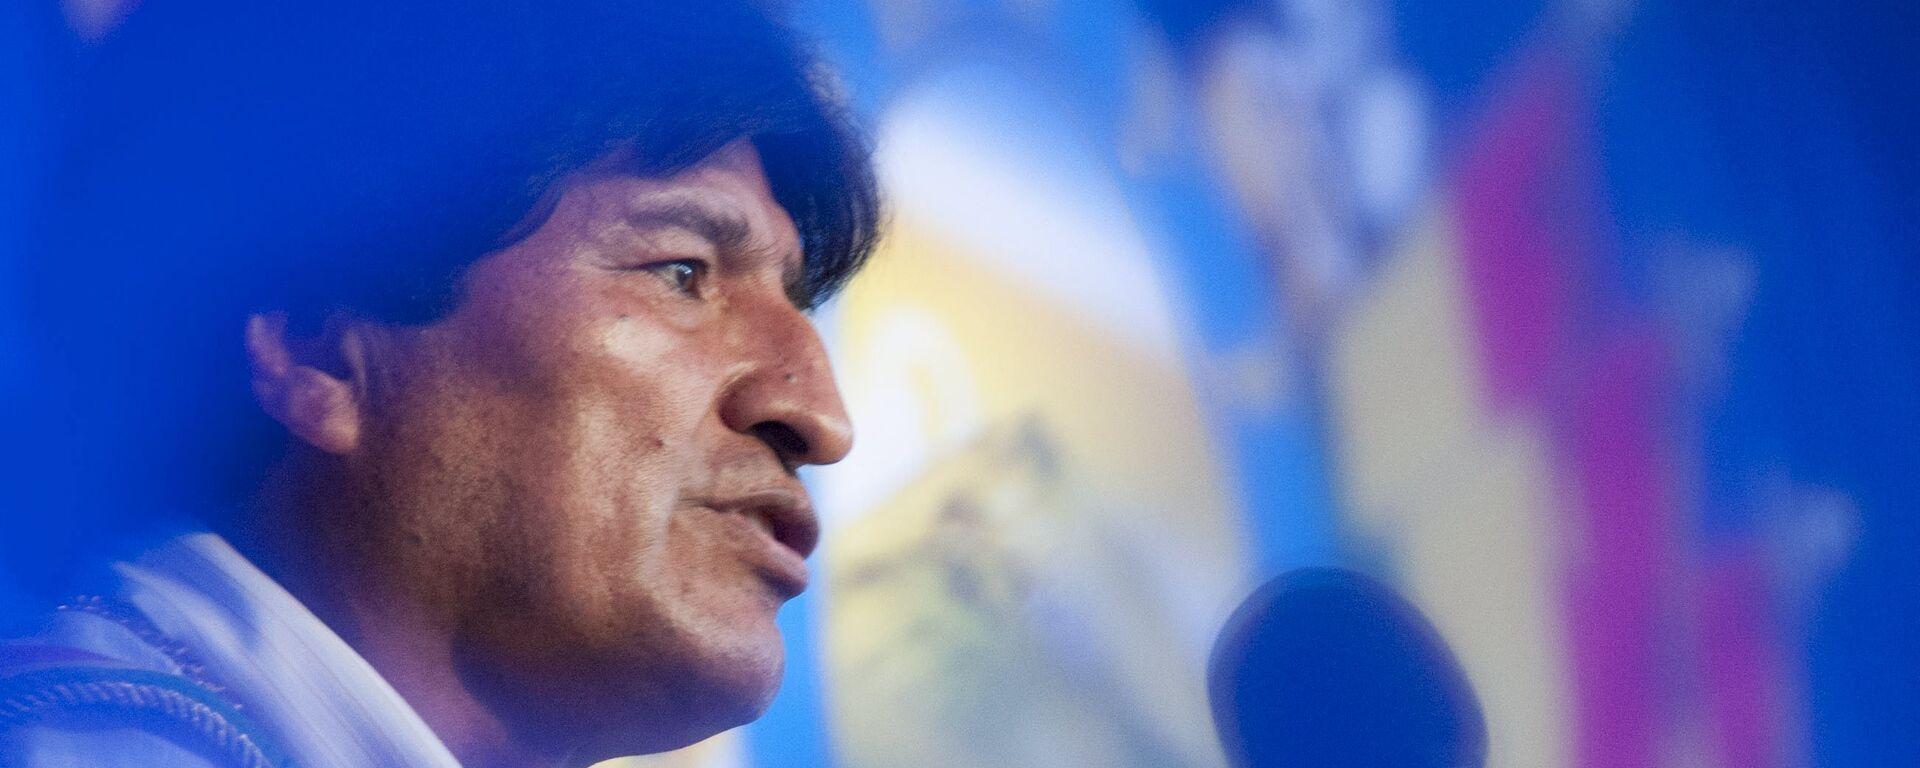 Evo Morales, expresidente de Bolivia - Sputnik Mundo, 1920, 30.08.2021